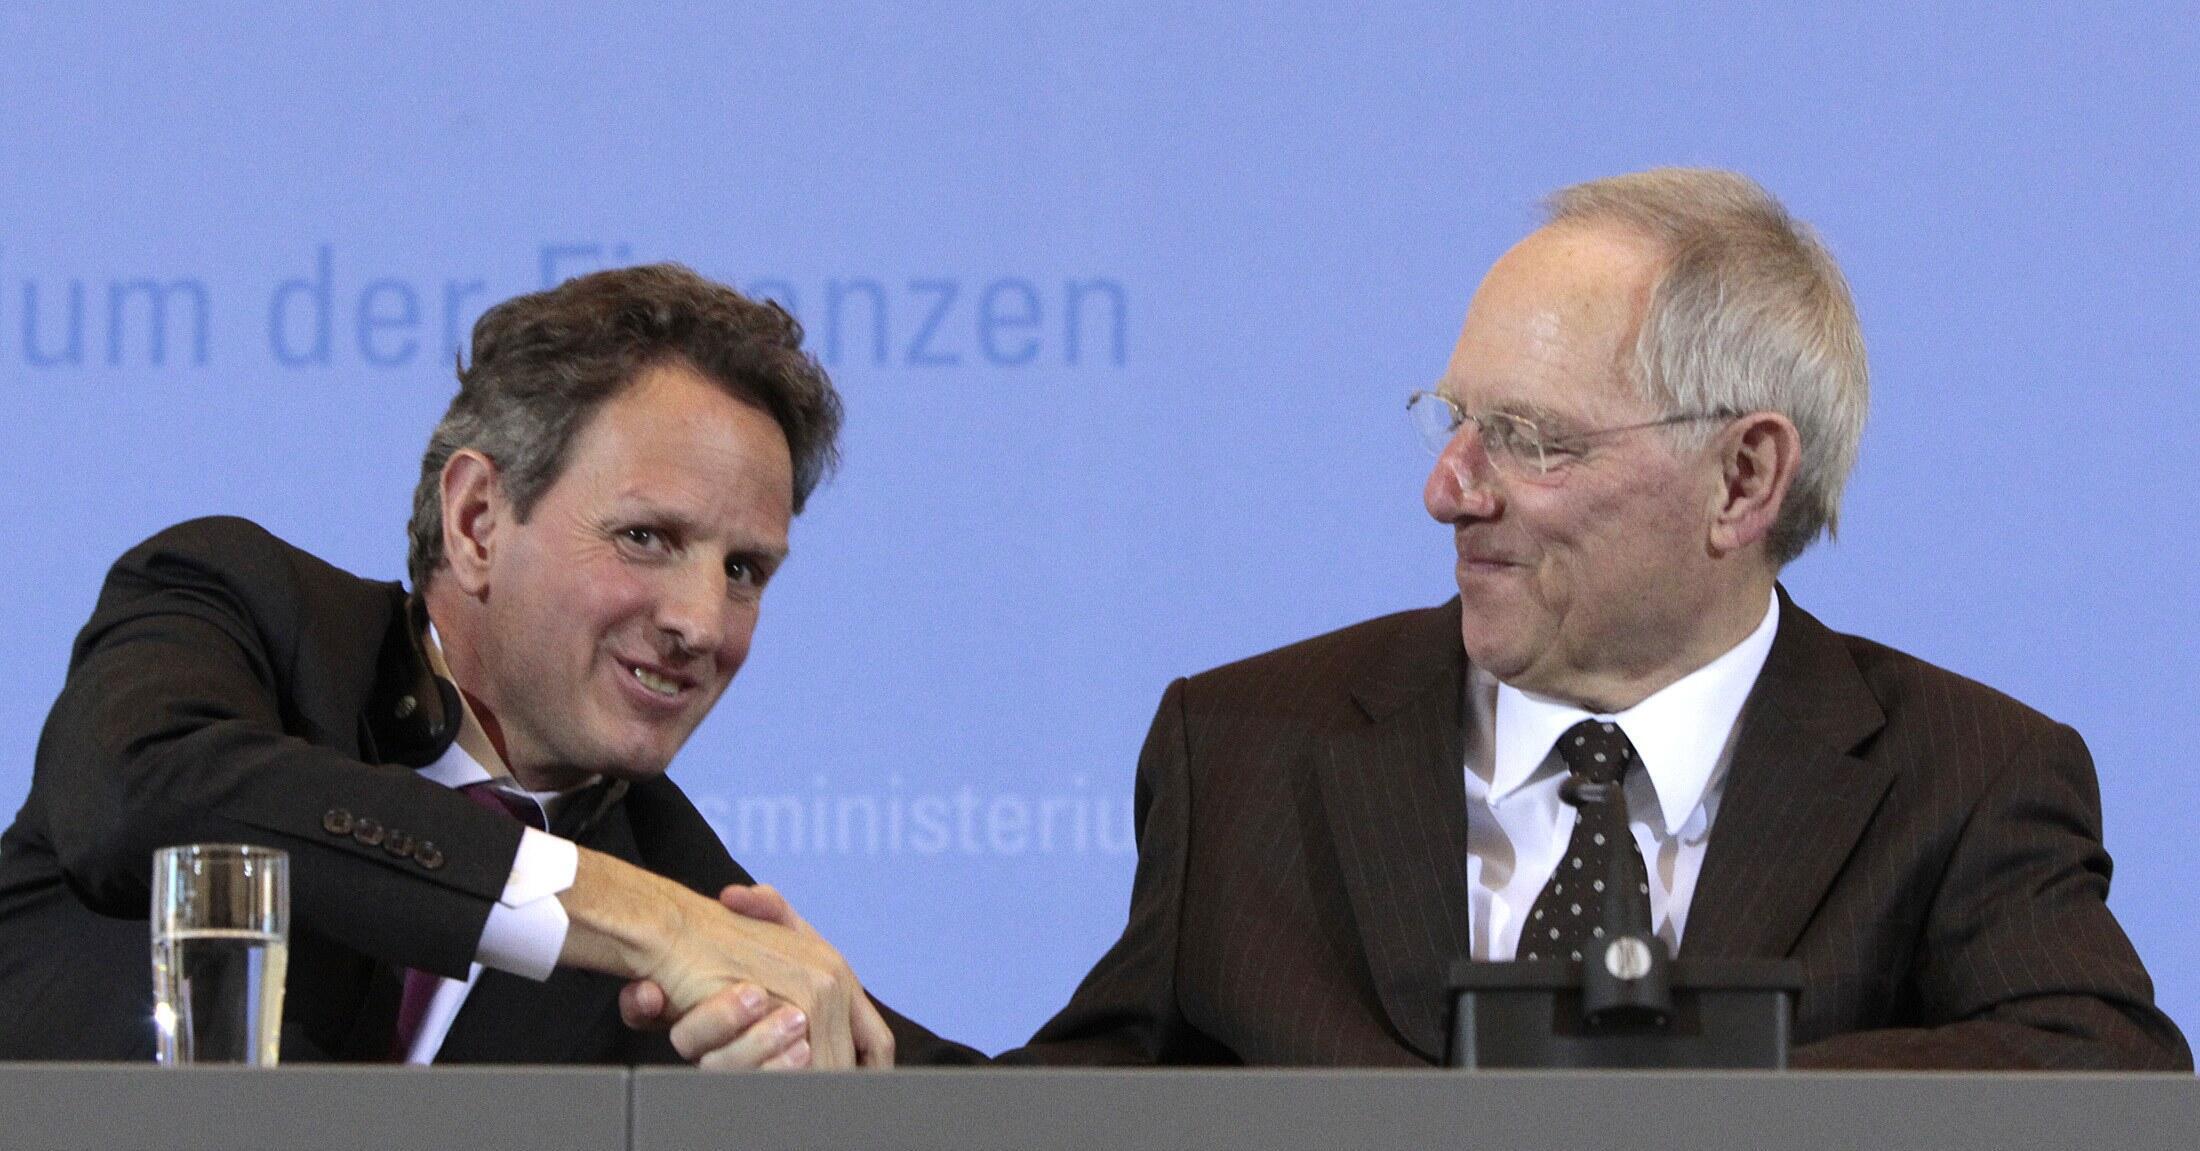 Bộ trưởng Tài chánh Mỹ Timothy Geithner (trái) et đồng nhiệm Đức Wolfgang Schäuble, tại Berlin ngày 8/3/2011.